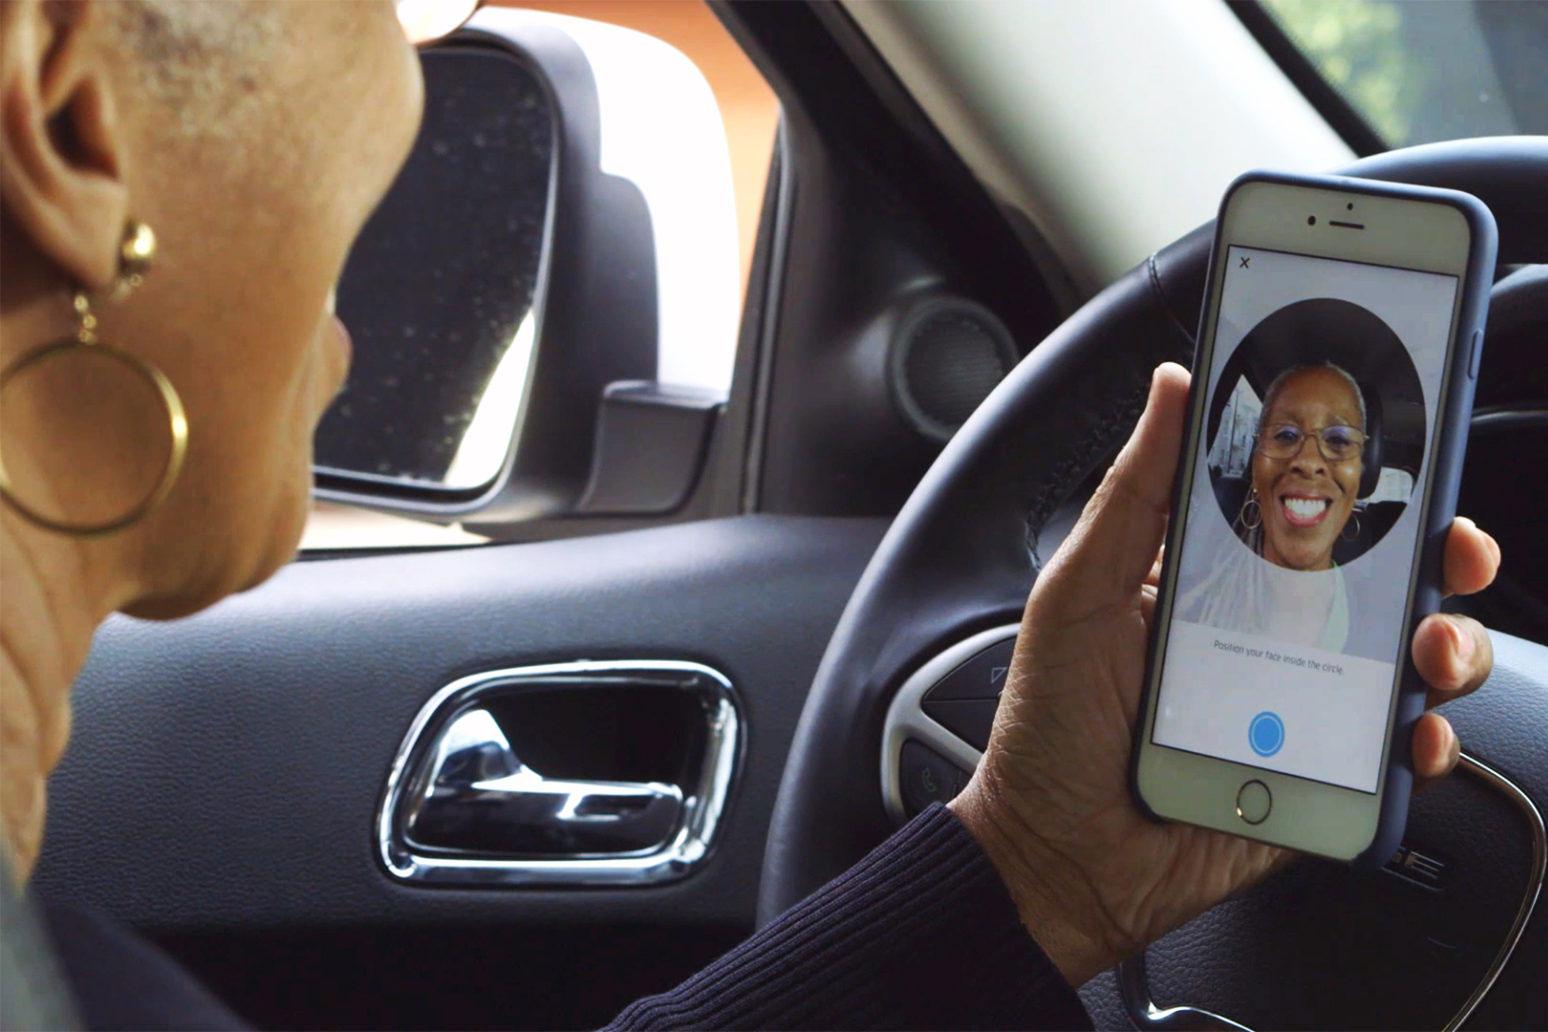 Uber Driver Selfies